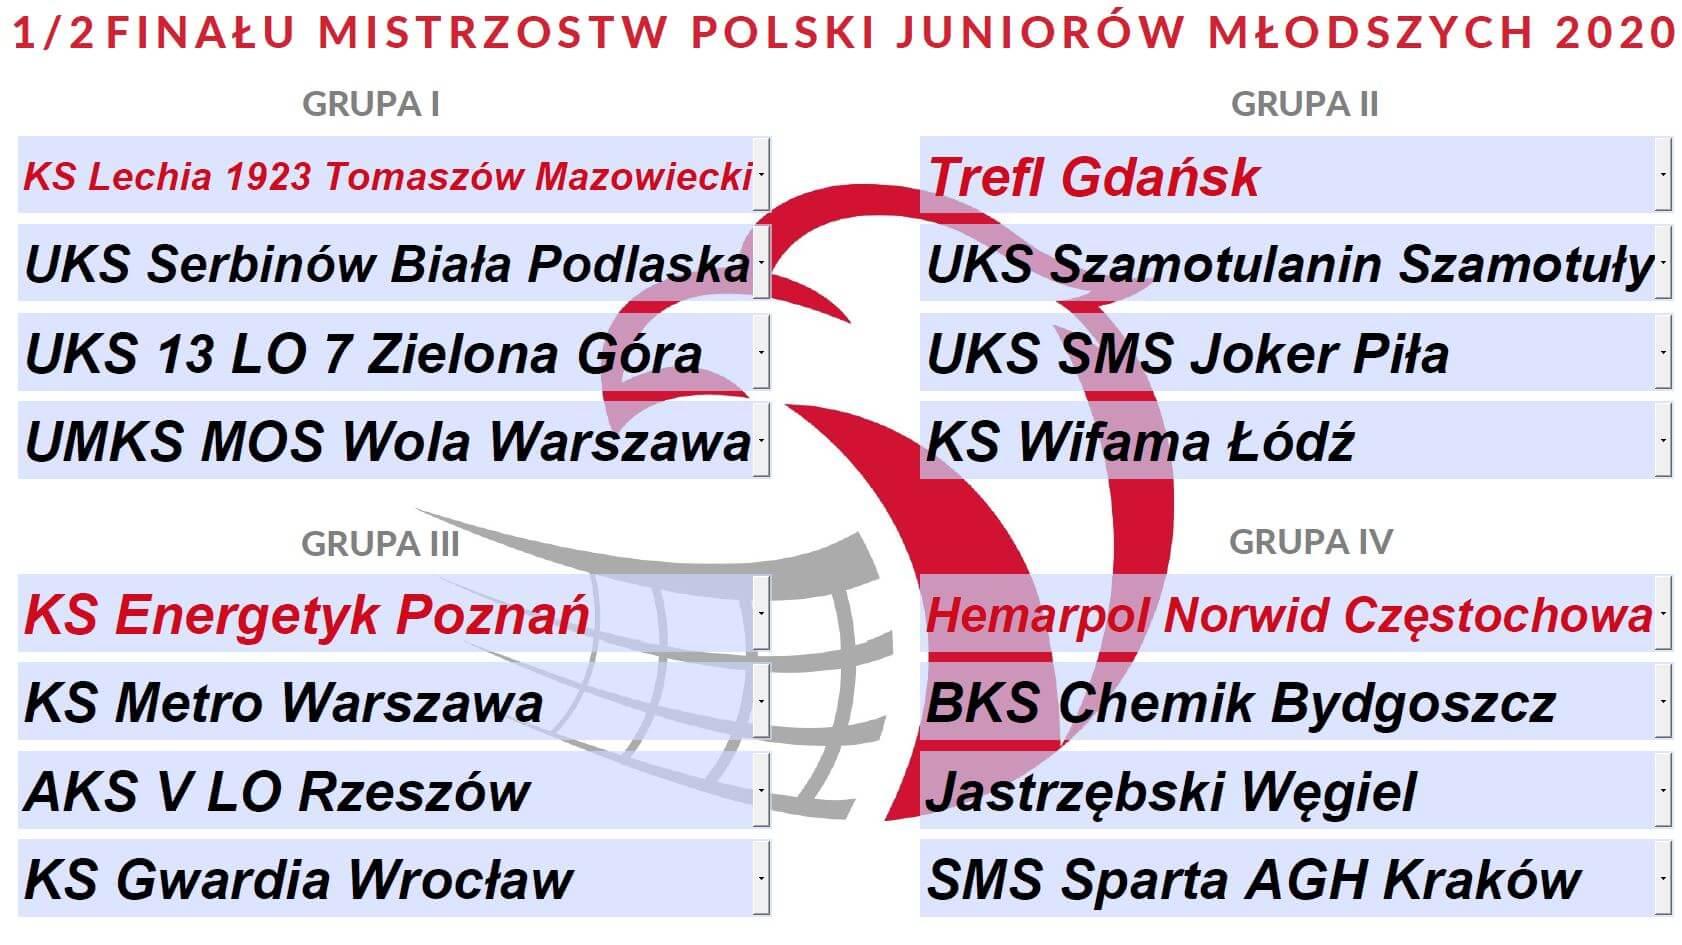 Półfinałowe grupy MP Juniorów Młodszych 2020